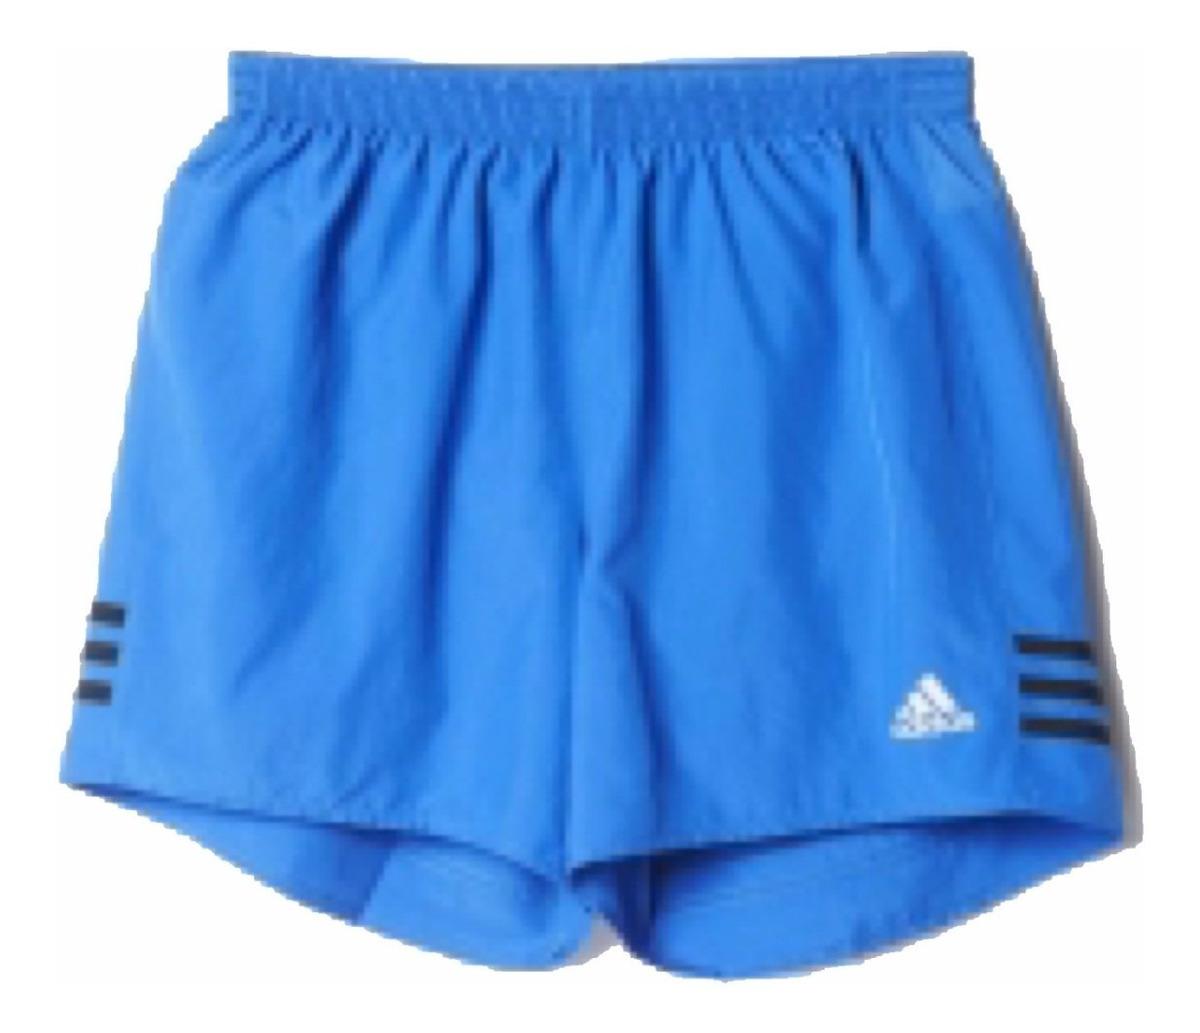 Pantalón Corto Adidas Running Short Men ResponseNuevo 0PkNwXZn8O